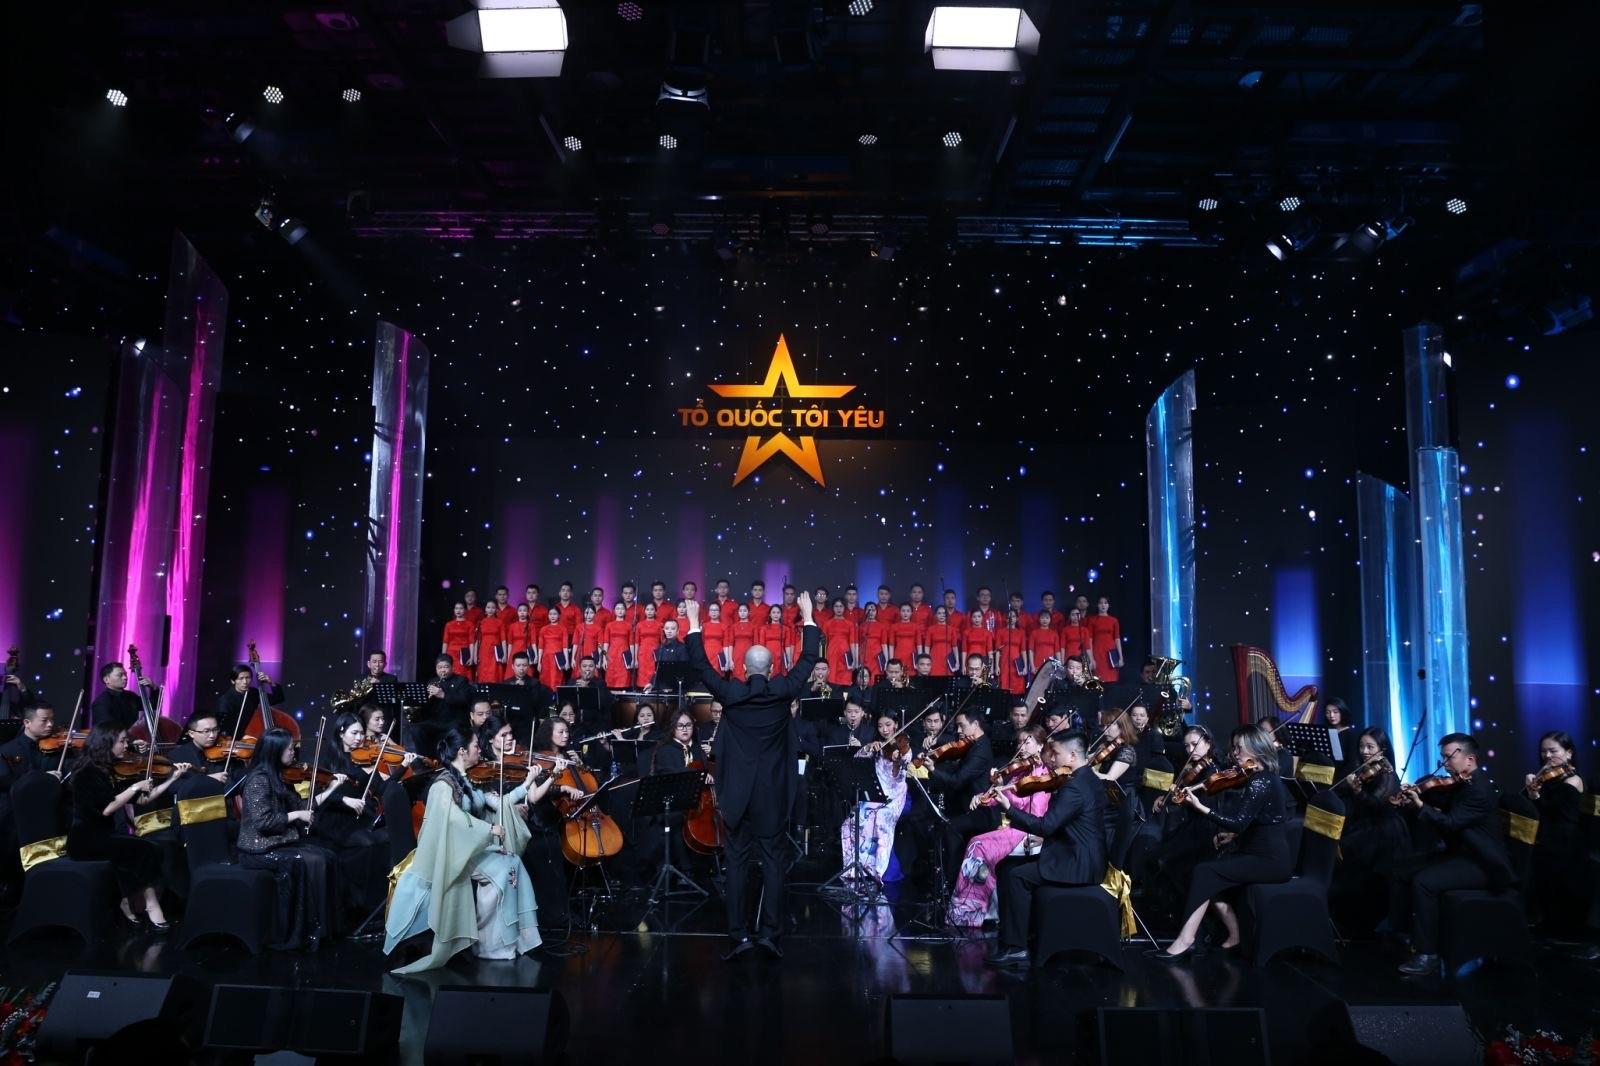 Dàn nhạc giao hưởng Thăng Long biểu diễn